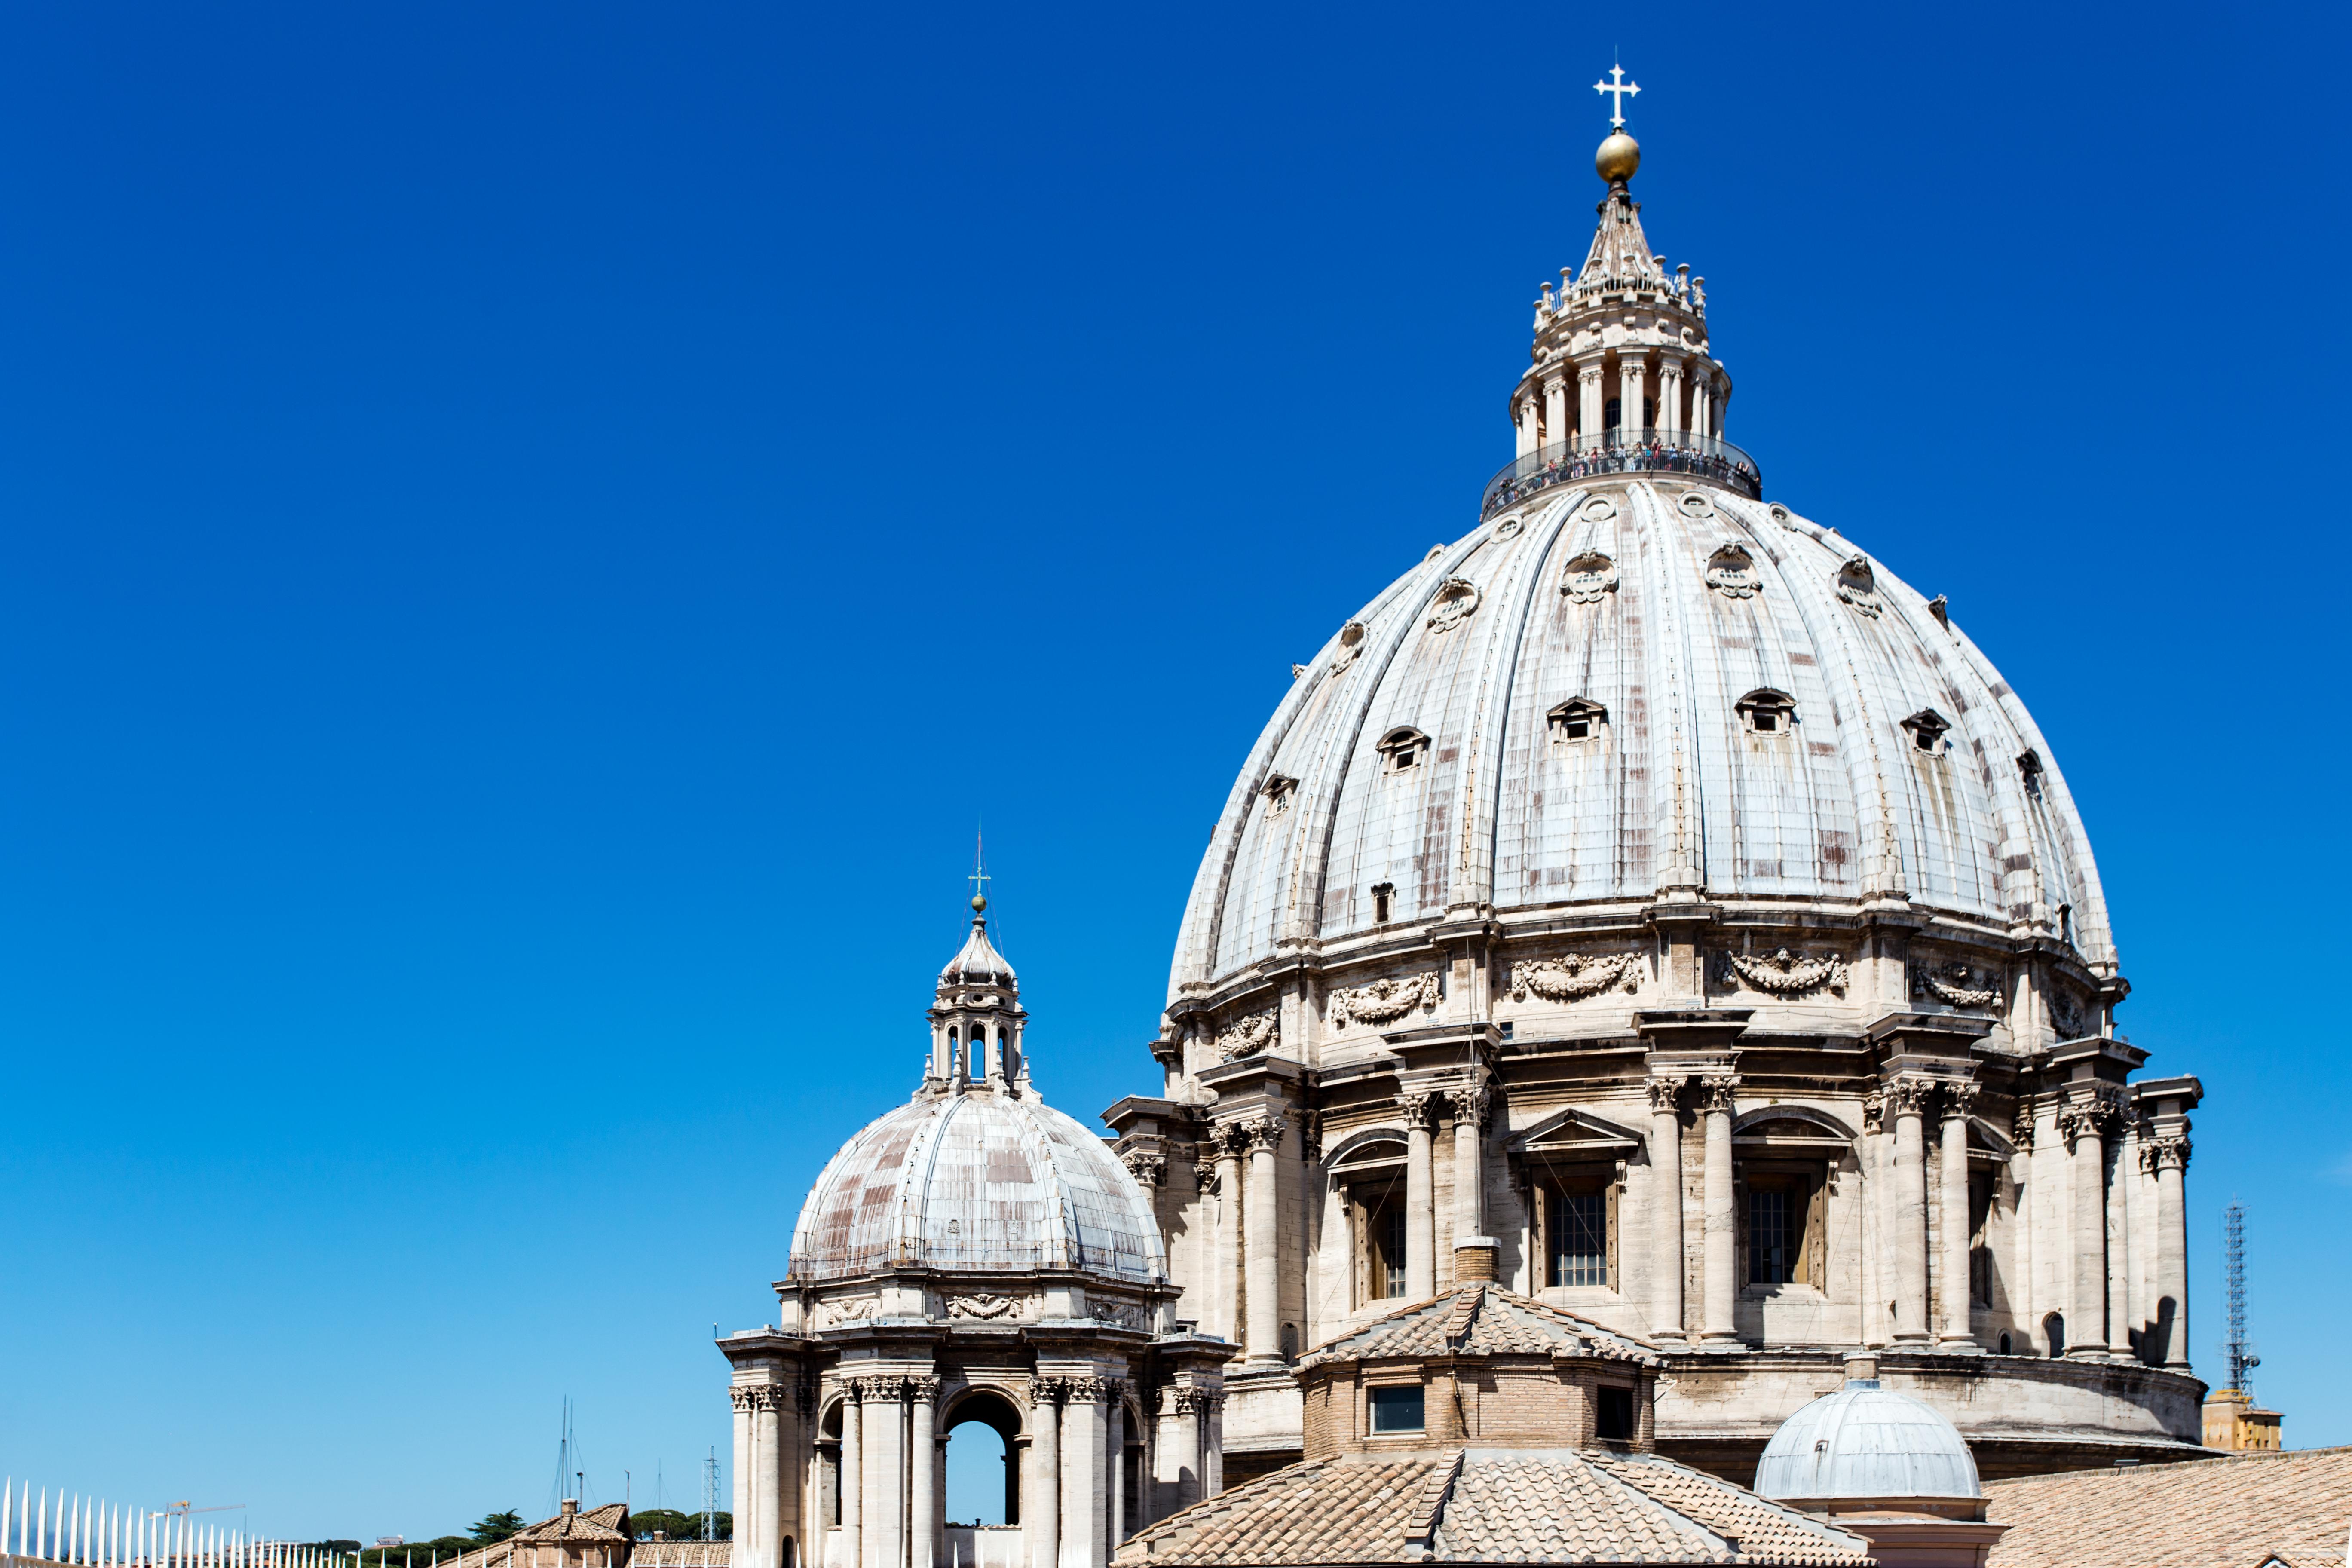 Itália - Polícia do Vaticano interrompe orgia gay em apartamento de